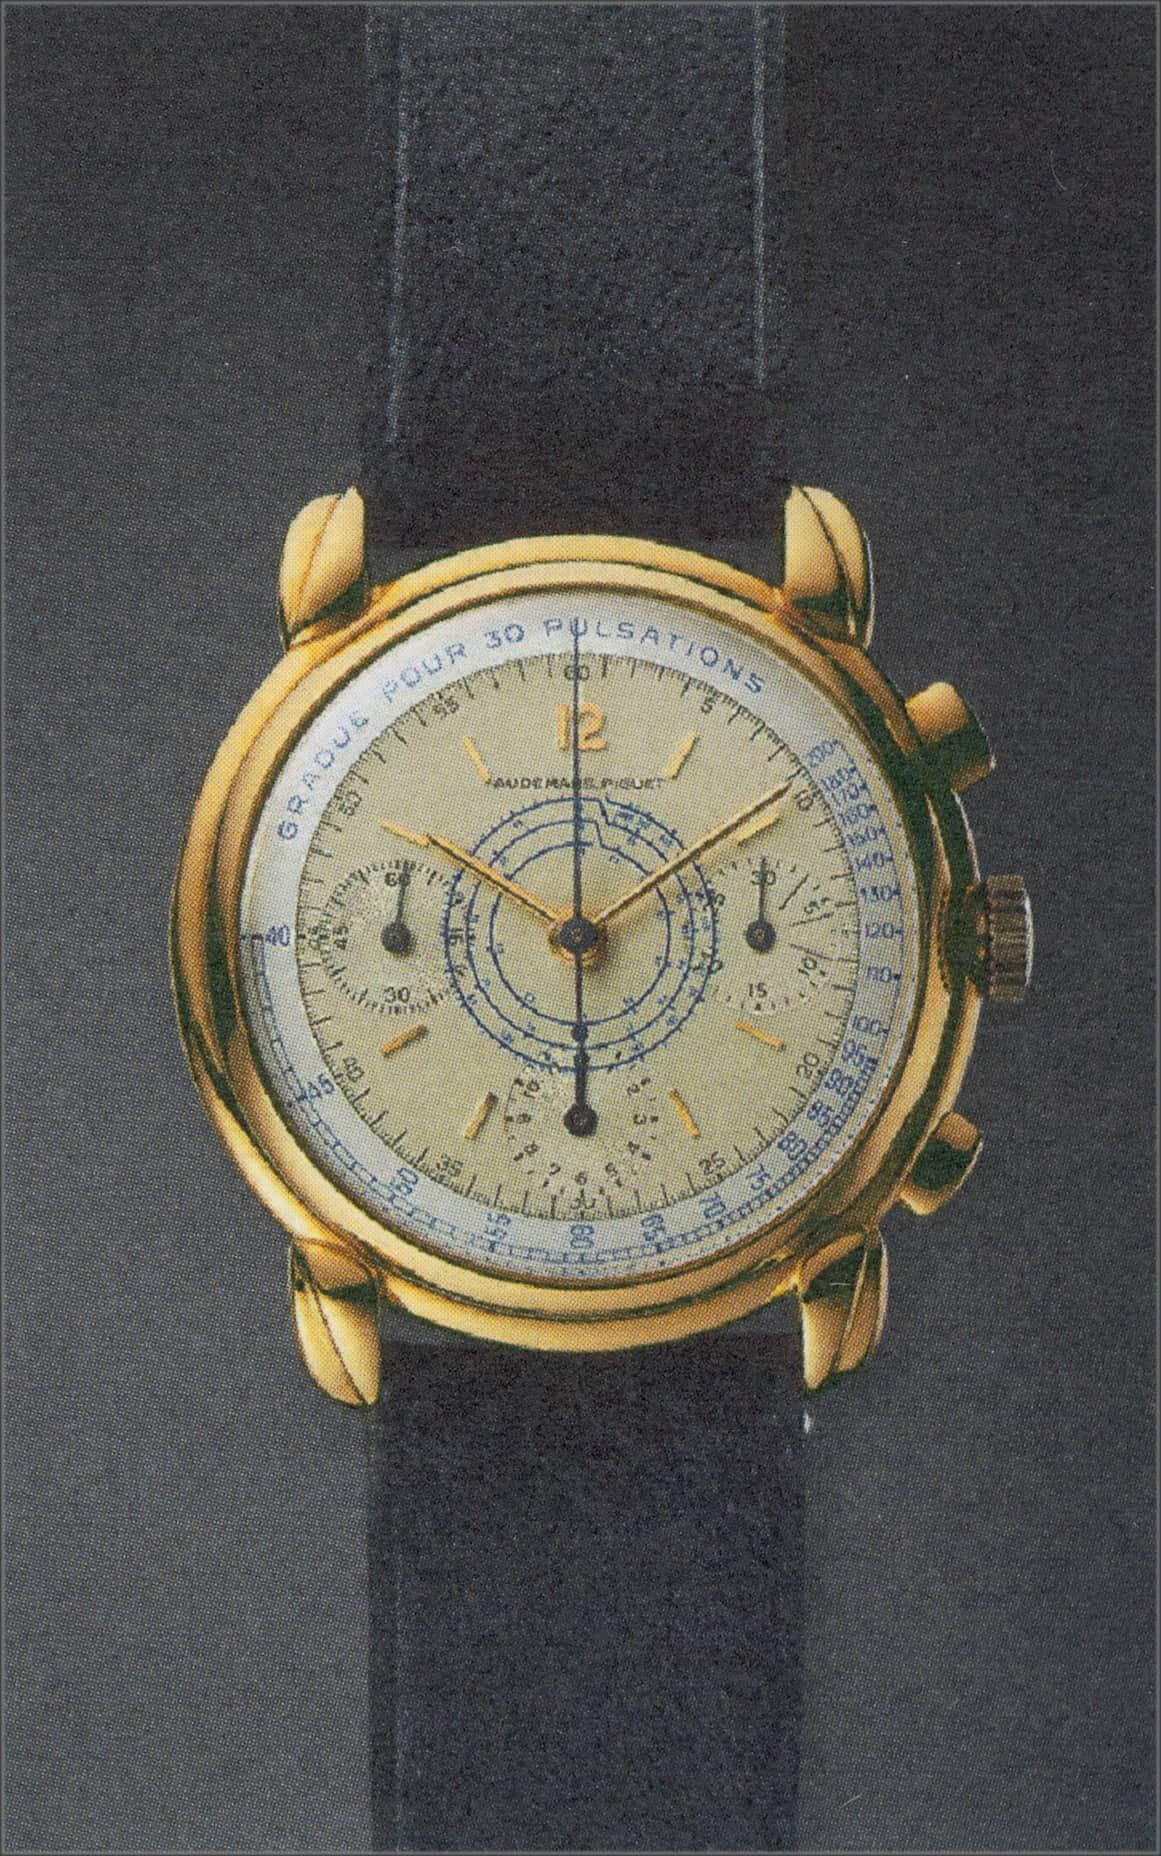 Der Audemars Piguet Chronograph, Kaliber 13VZAH wurde zwischen 1947 - 1949 gebaut